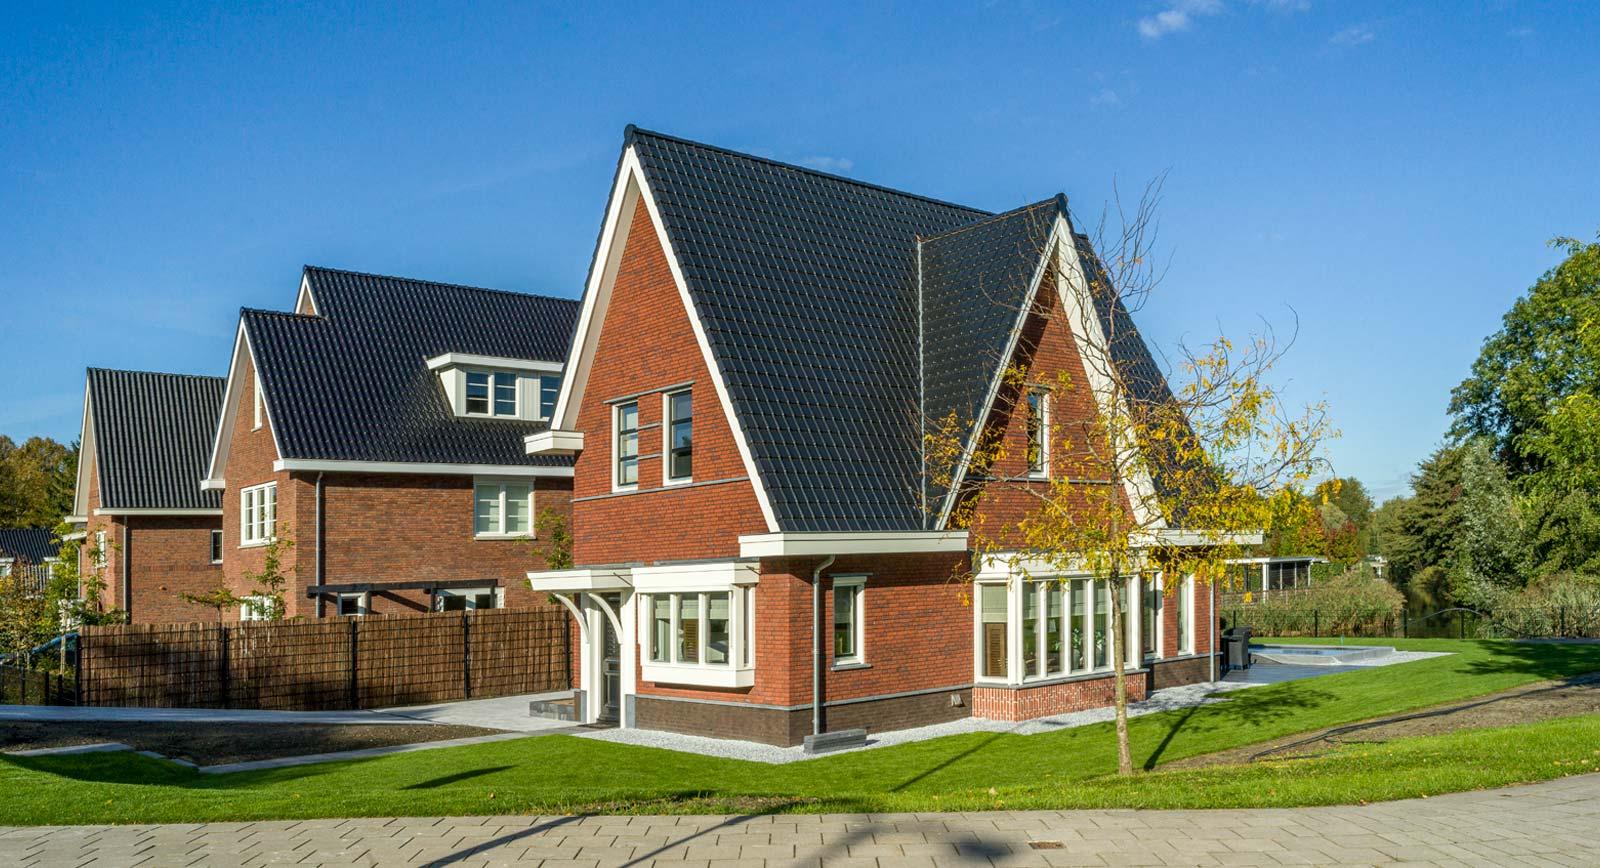 Luxe nieuwbouwvilla in Ridderkerk door Martinu voorzien van complete elektrische installatie op maat